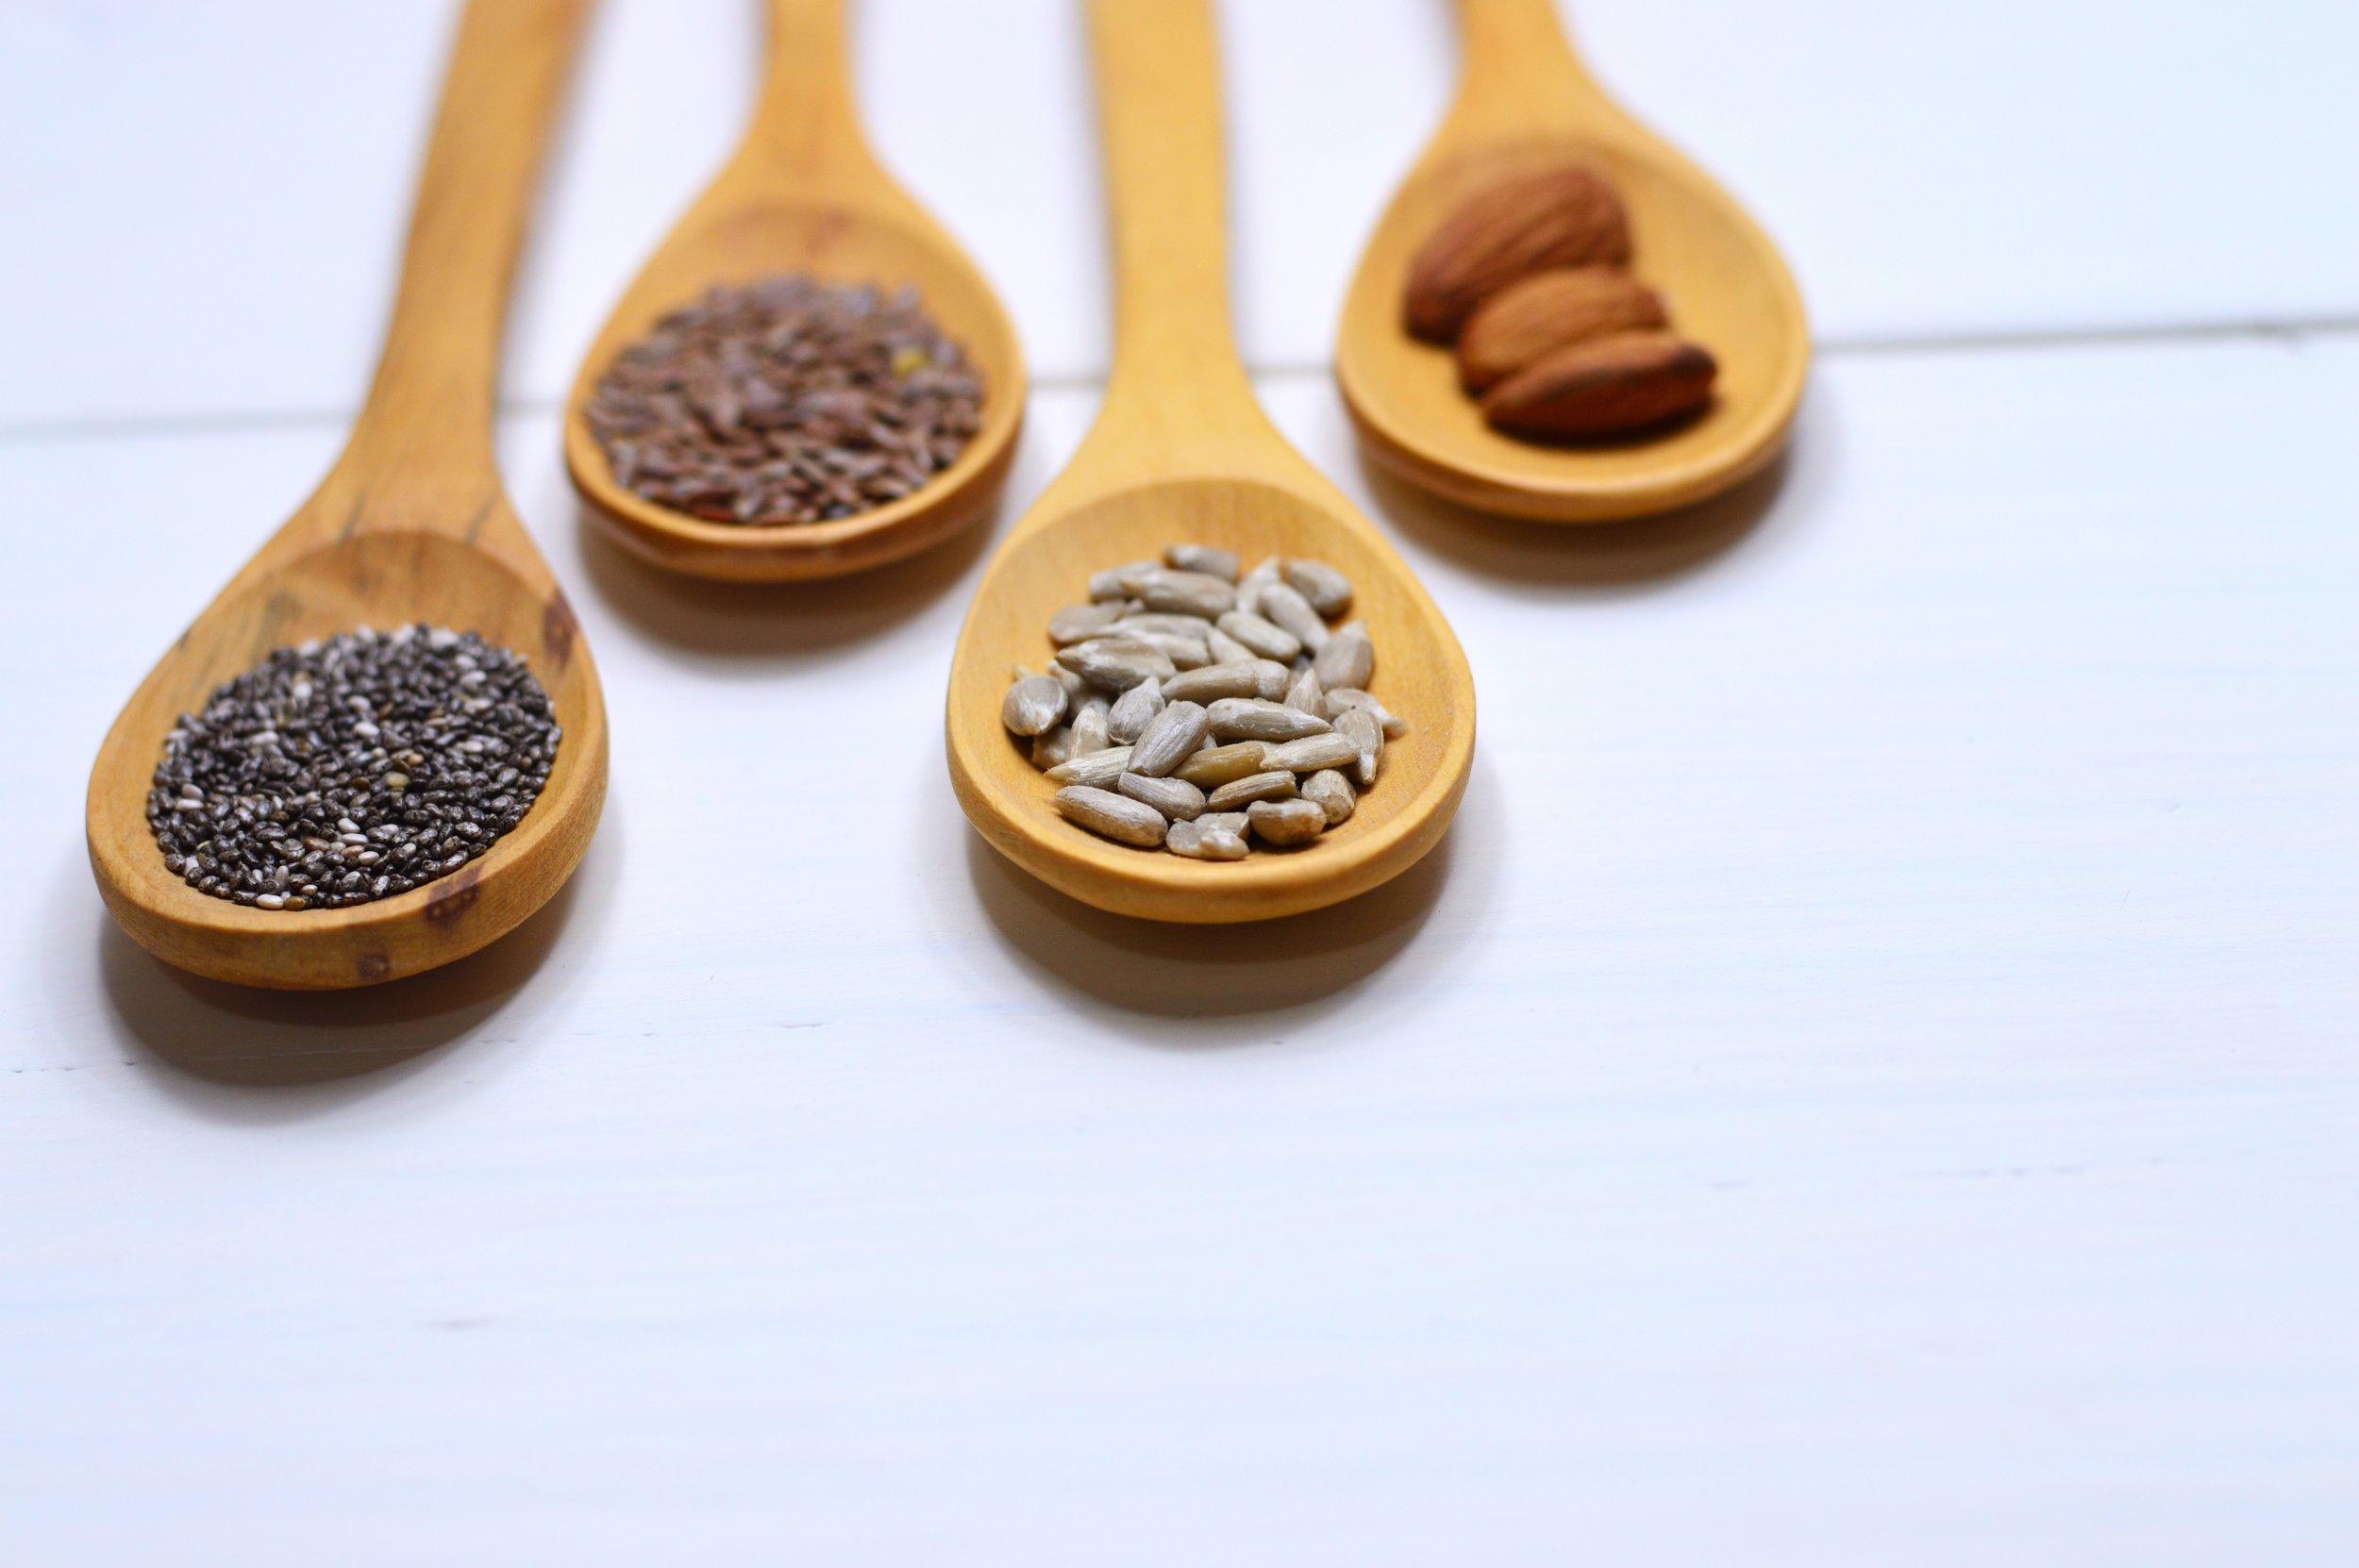 almonds-close-up-herbs-971080.jpg